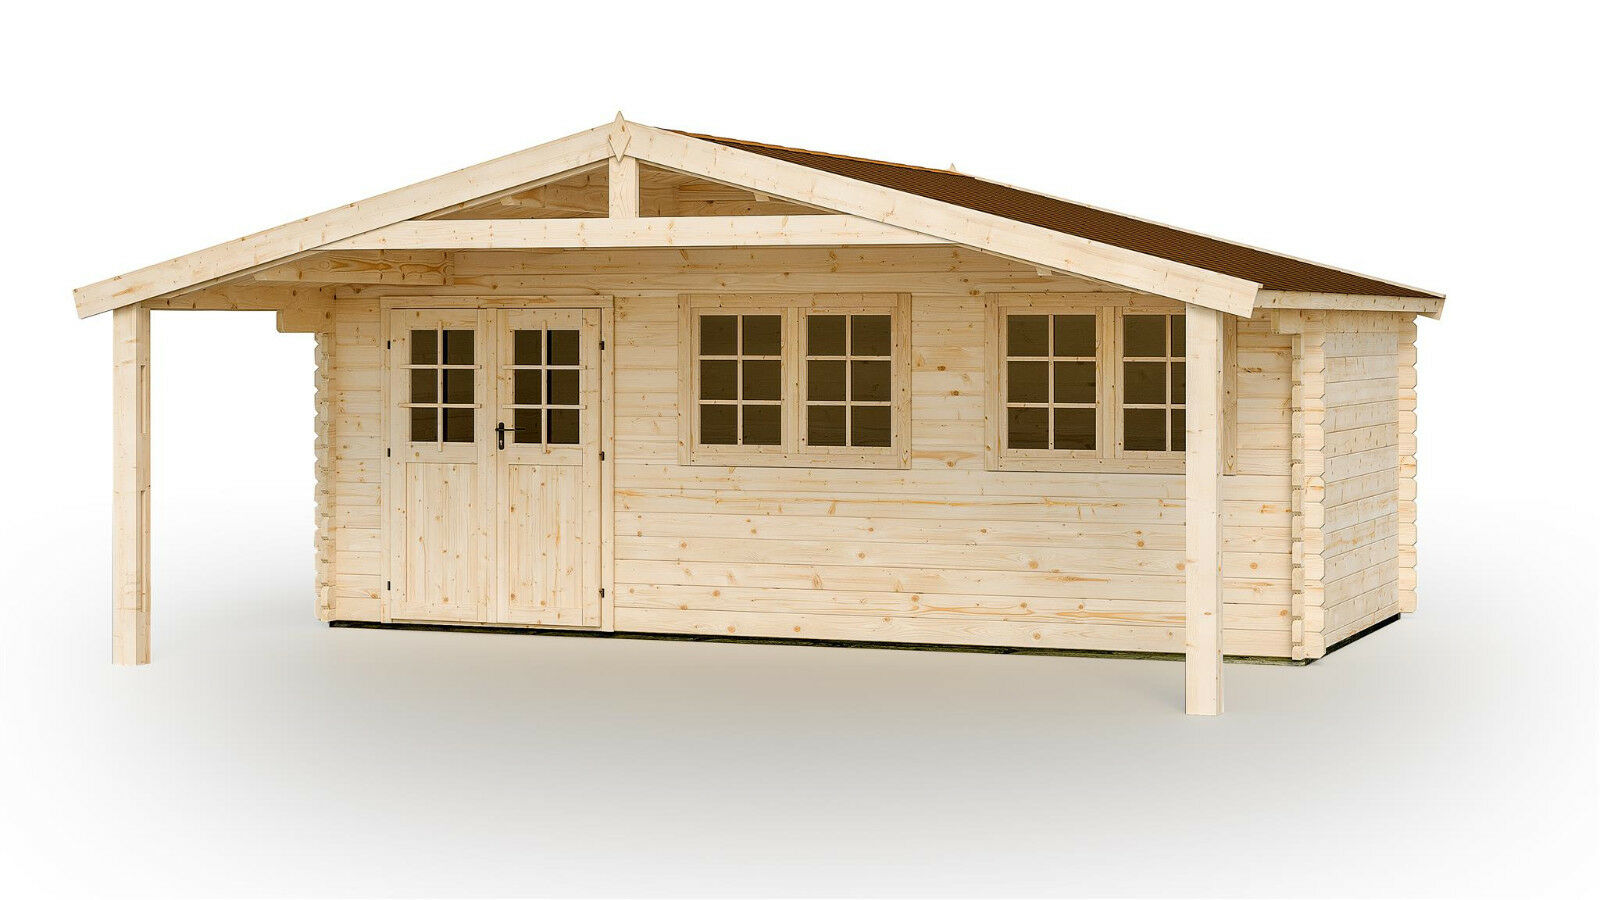 44 mm gartenhaus 600x500 cm + fußboden gerätehaus holzhaus